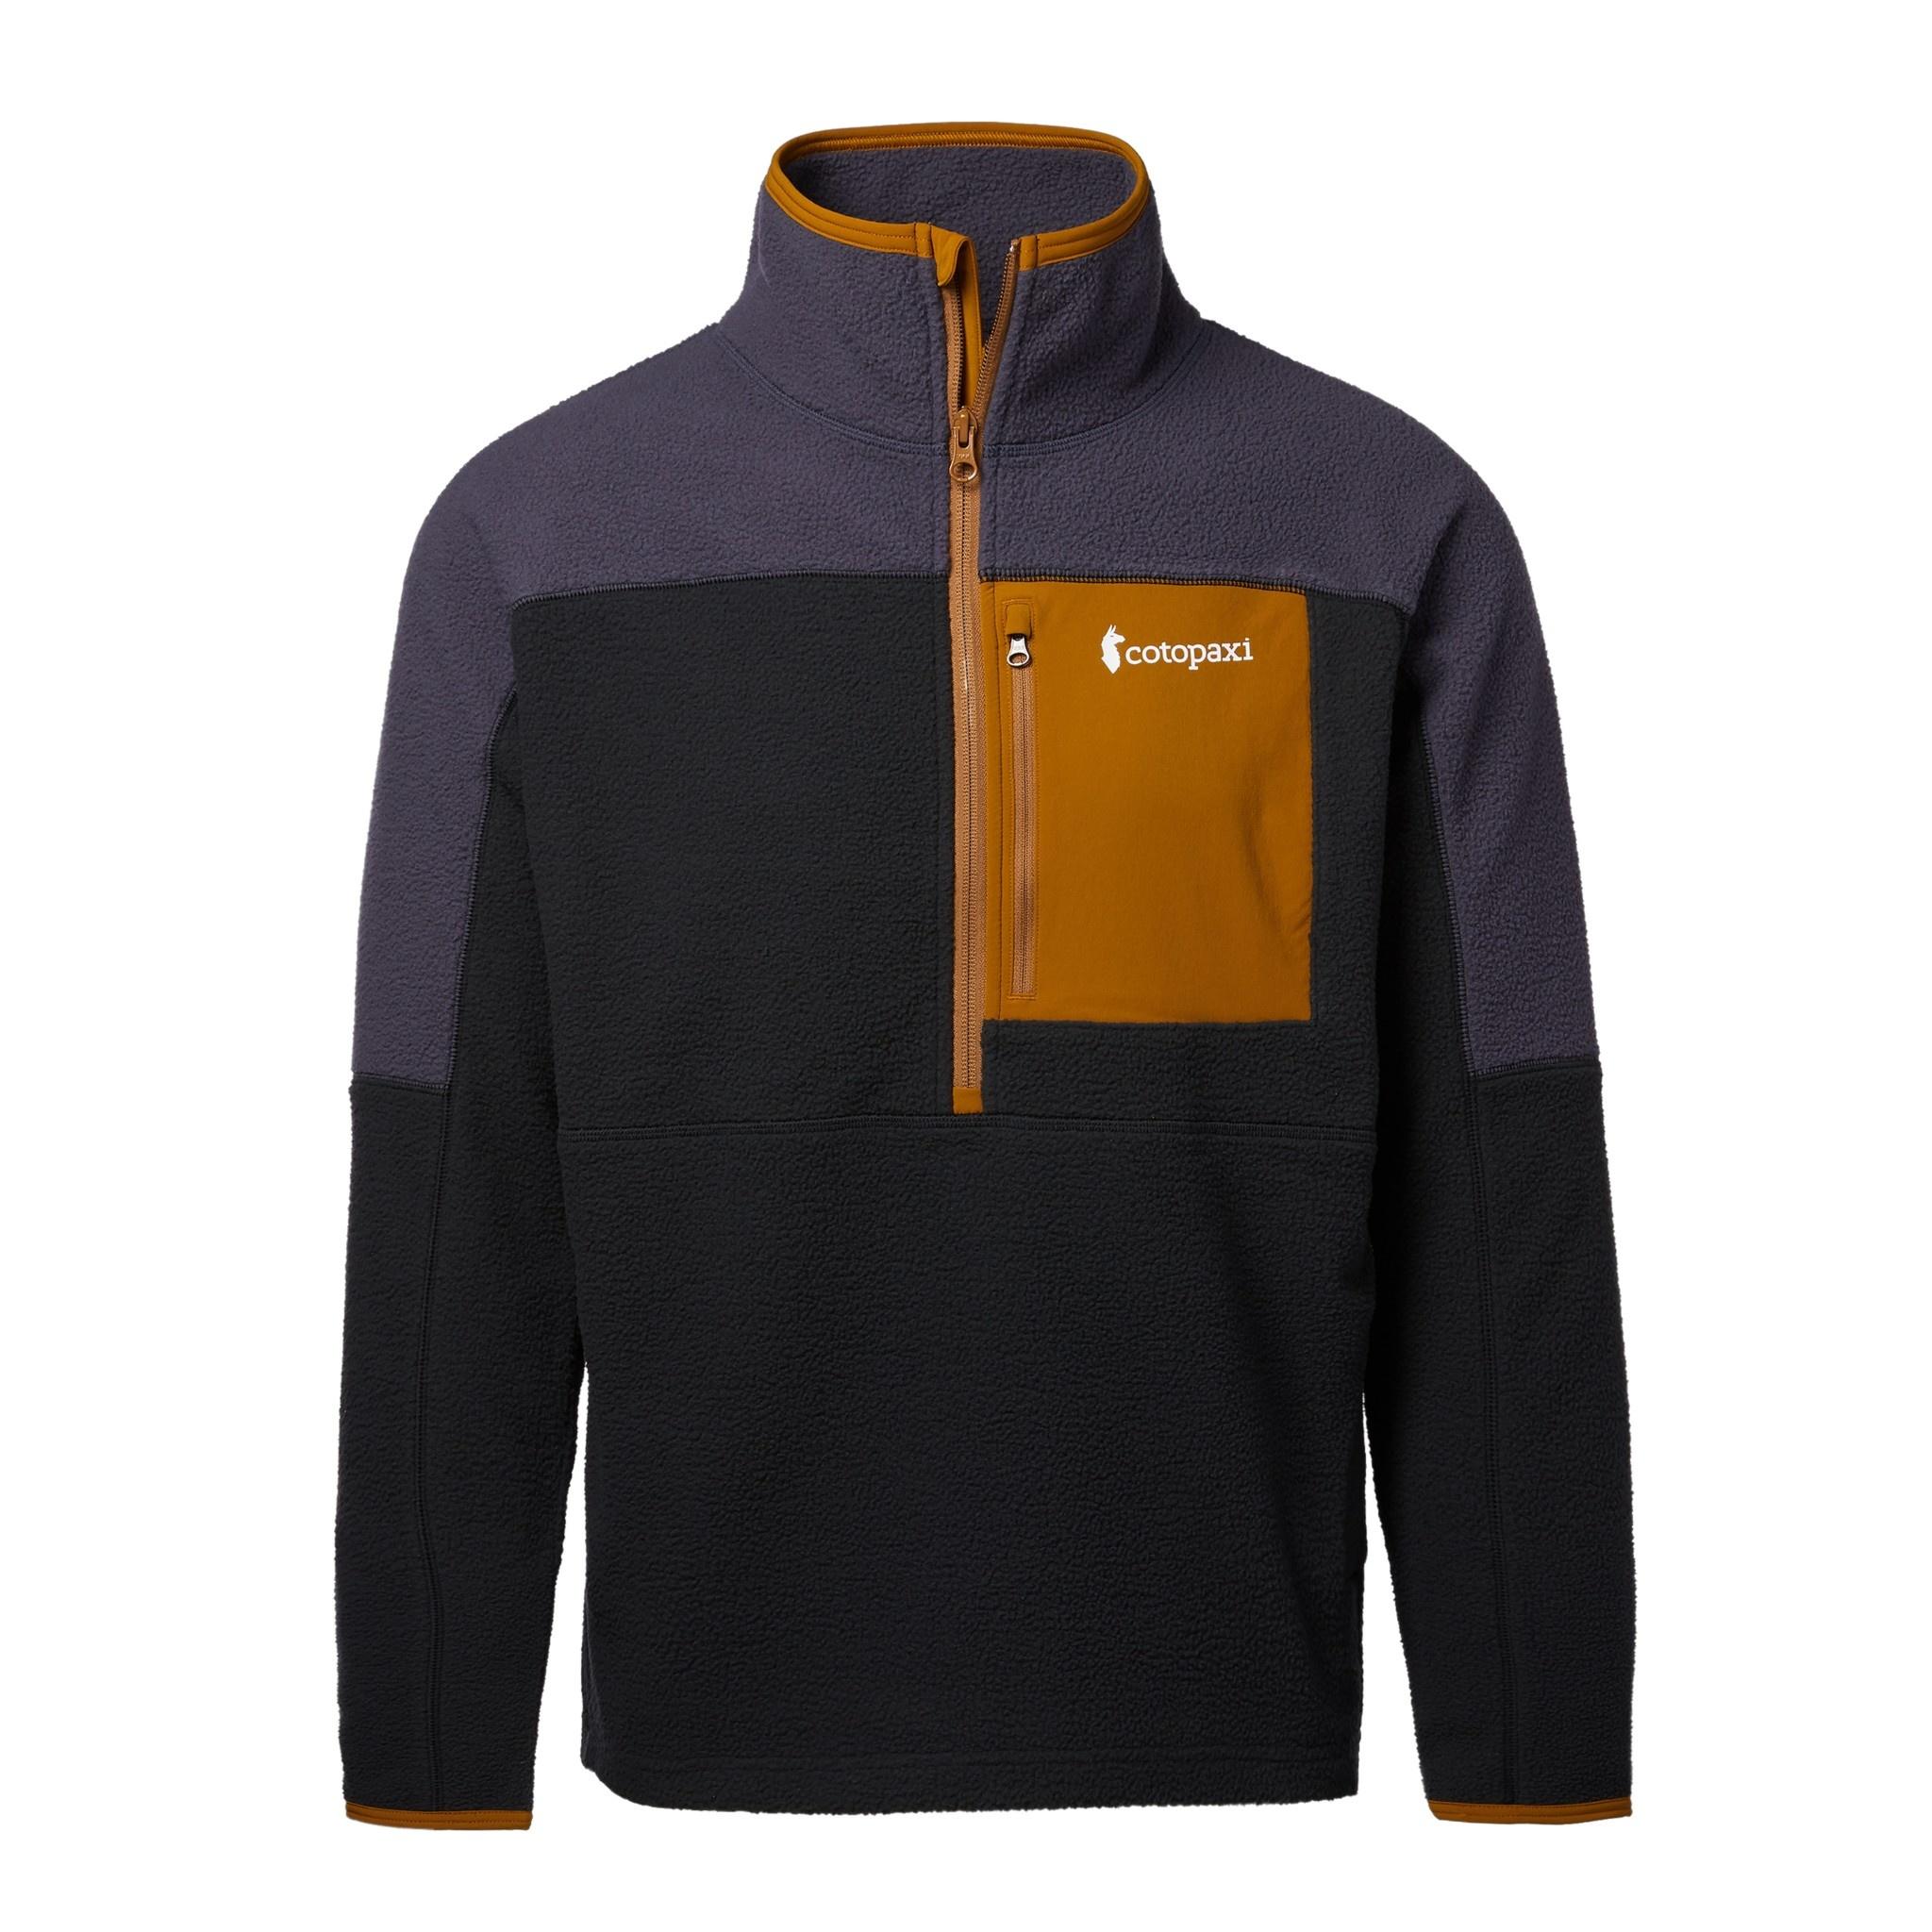 Cotopaxi M's Dorado Half-Zip Jacket-1